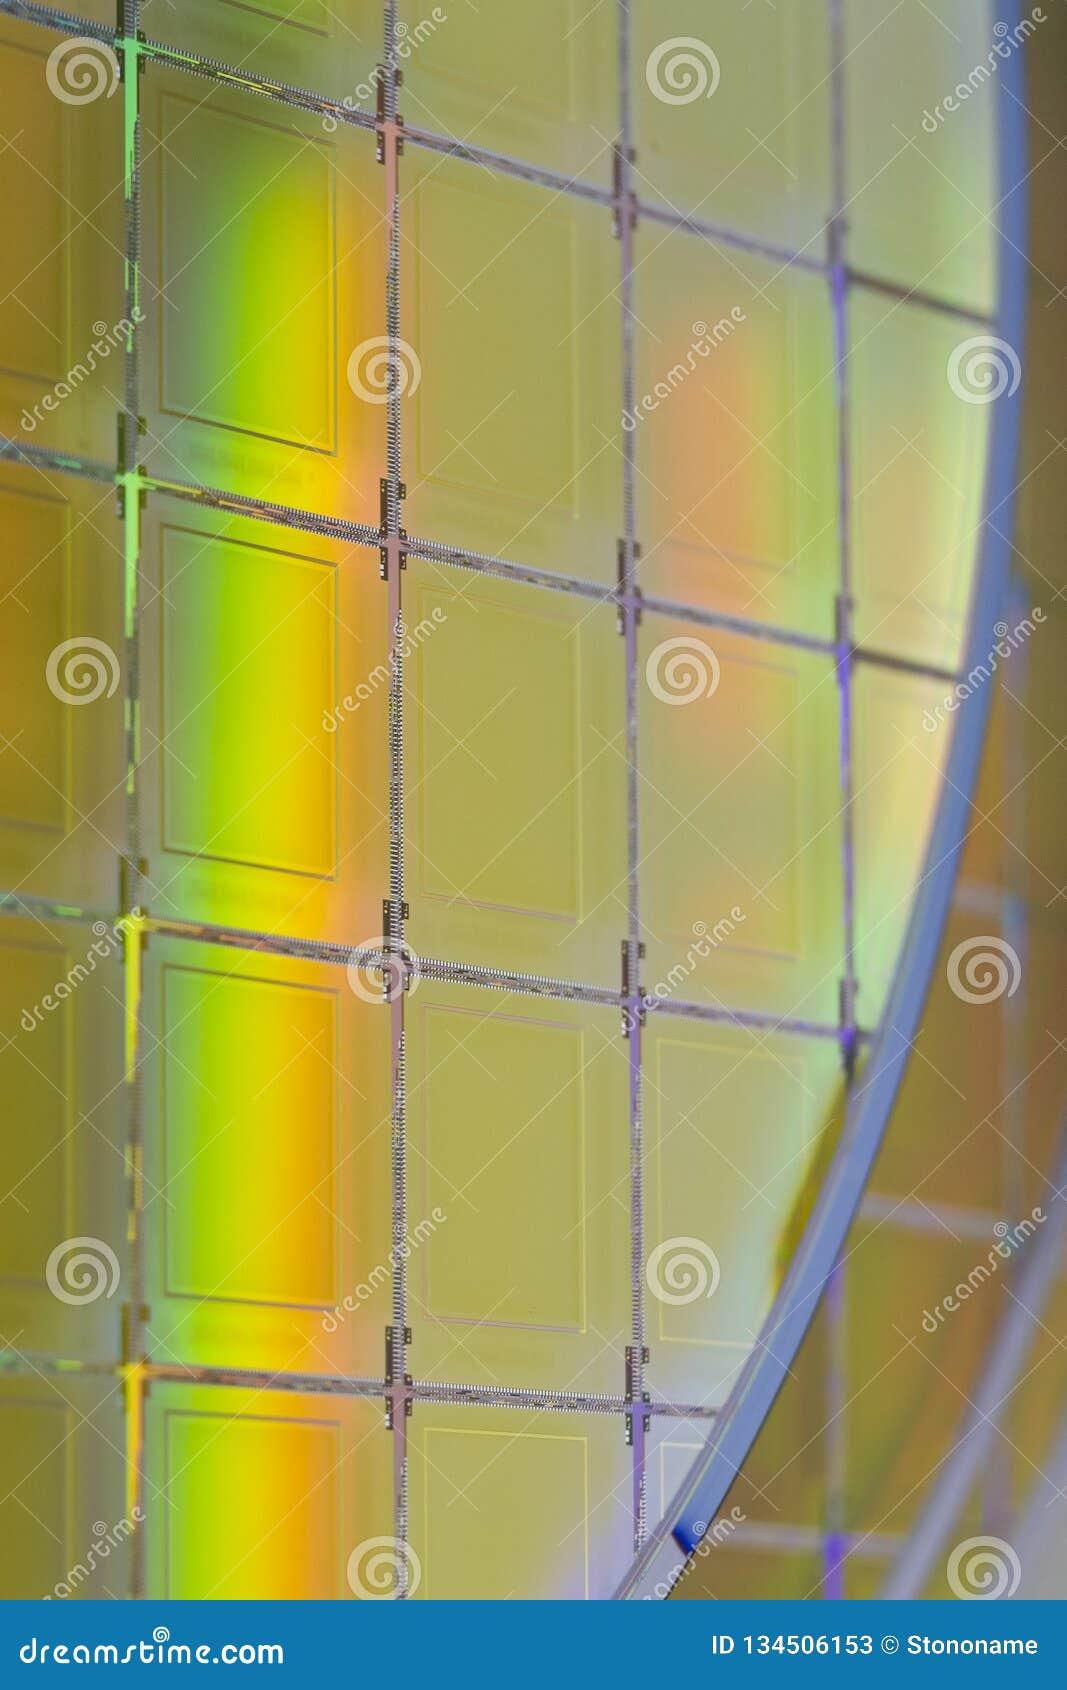 Siliciumwafeltjes en Microschakelingen - een wafeltje is een dunne plak van halfgeleidermateriaal, zoals een kristallijn binnen g